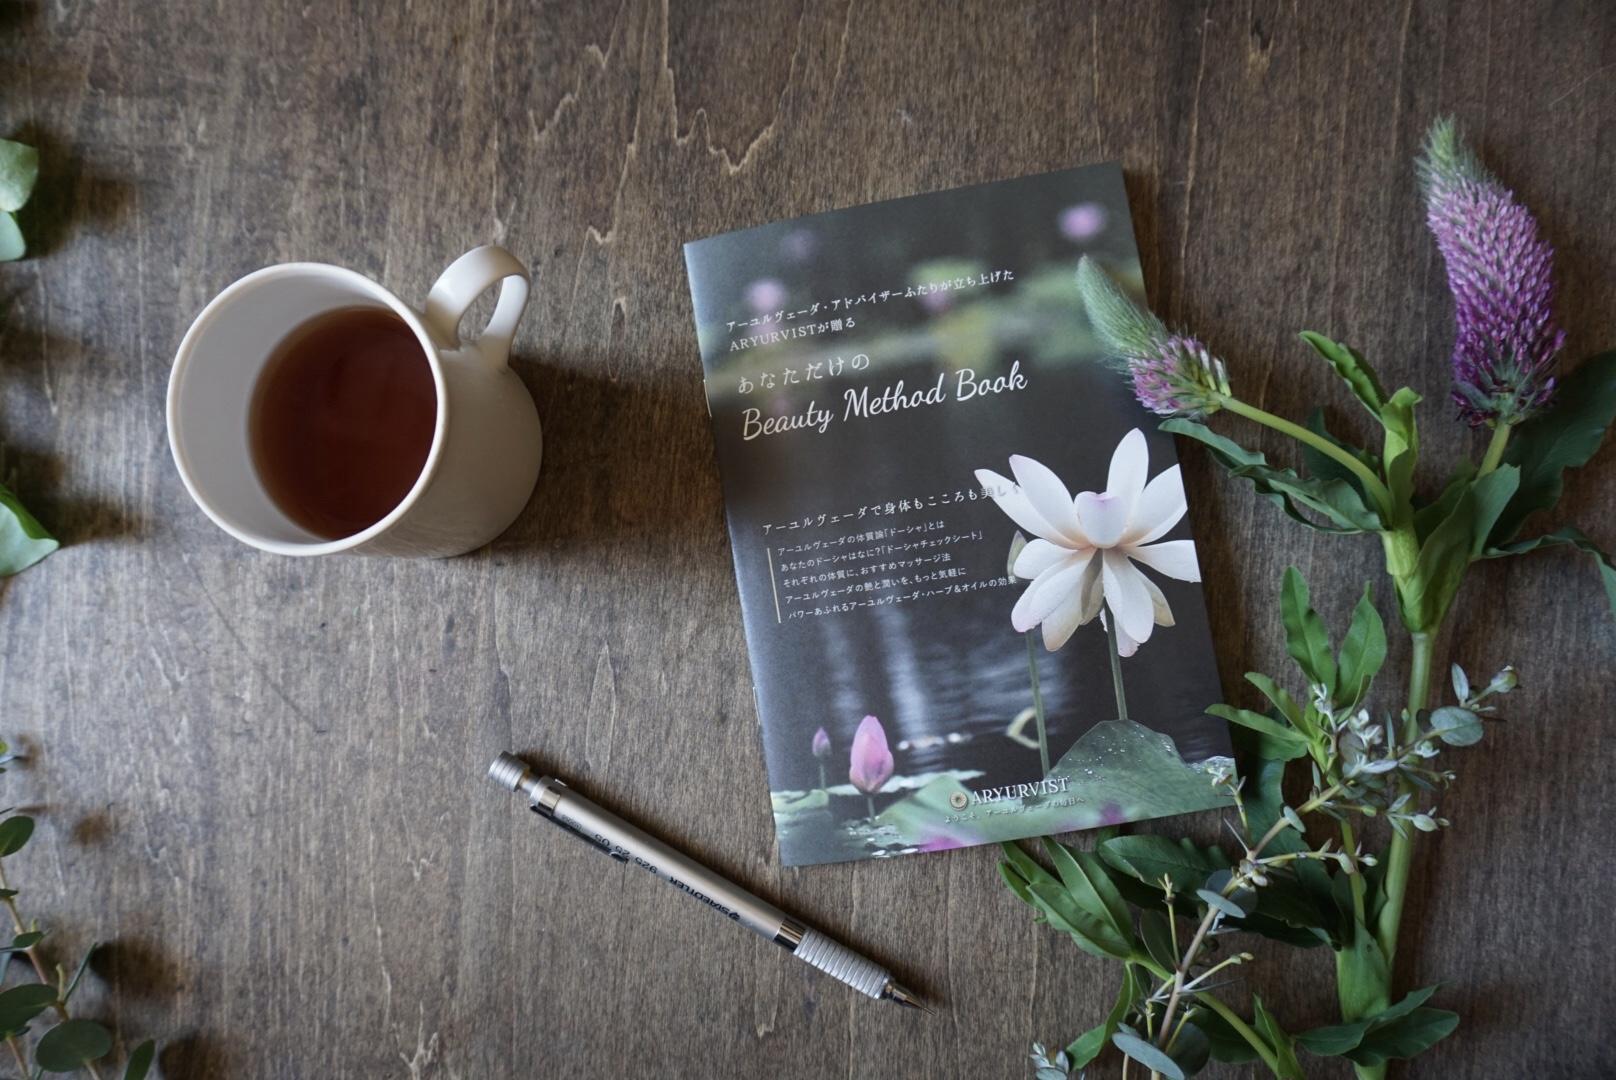 あなただけの美容法が見つかる 「あなただけのBeauty Method Book」新発売!